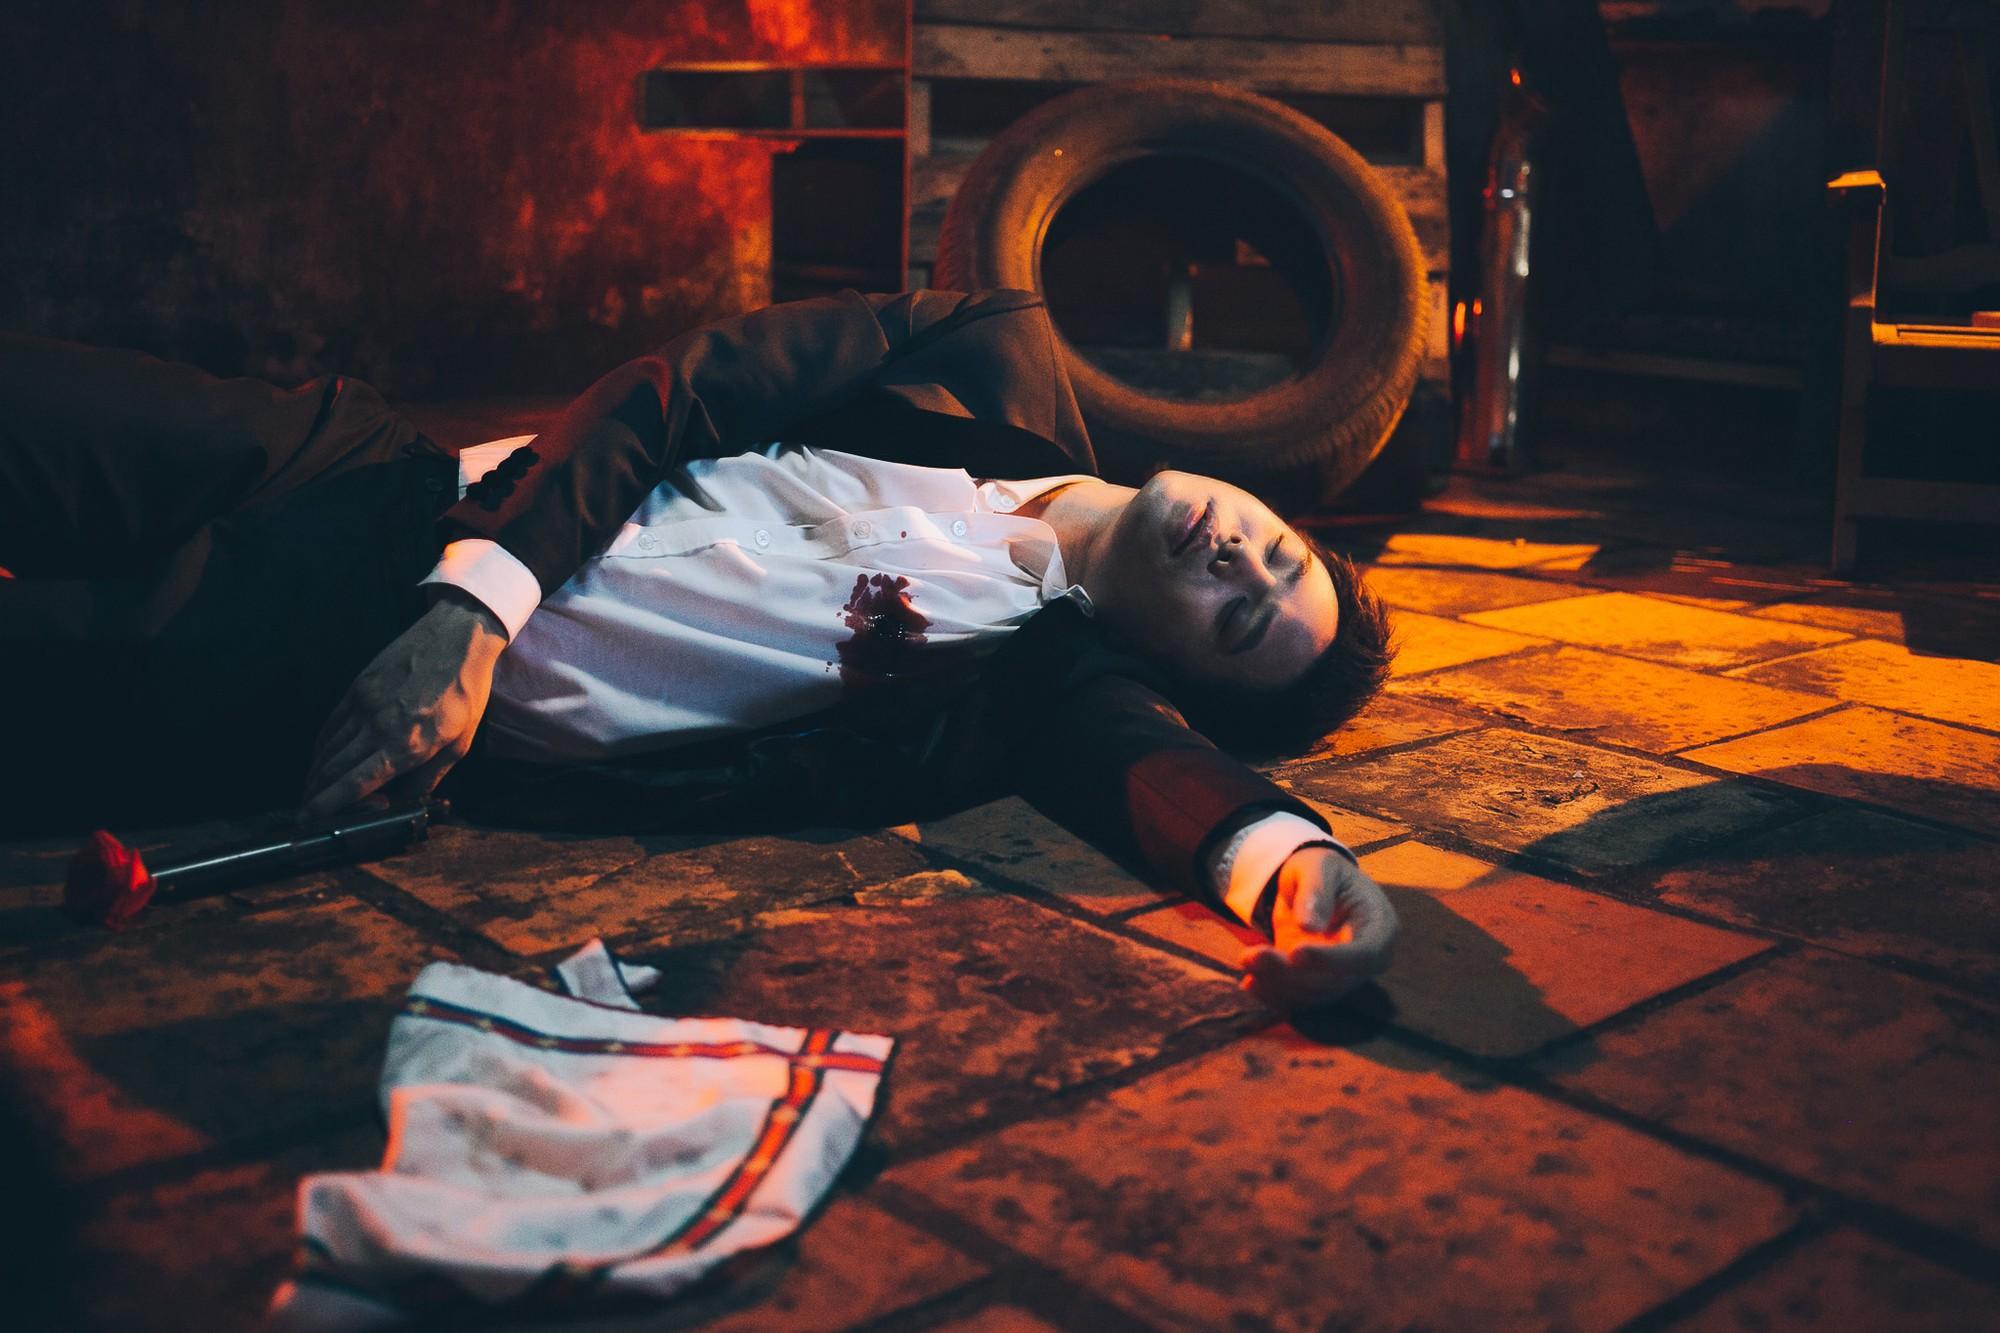 Trịnh Thăng Bình lột xác làm hacker chất ngầu, hé lộ cảnh bị bắn đầy bí ẩn trong teaser MV mới - Ảnh 6.